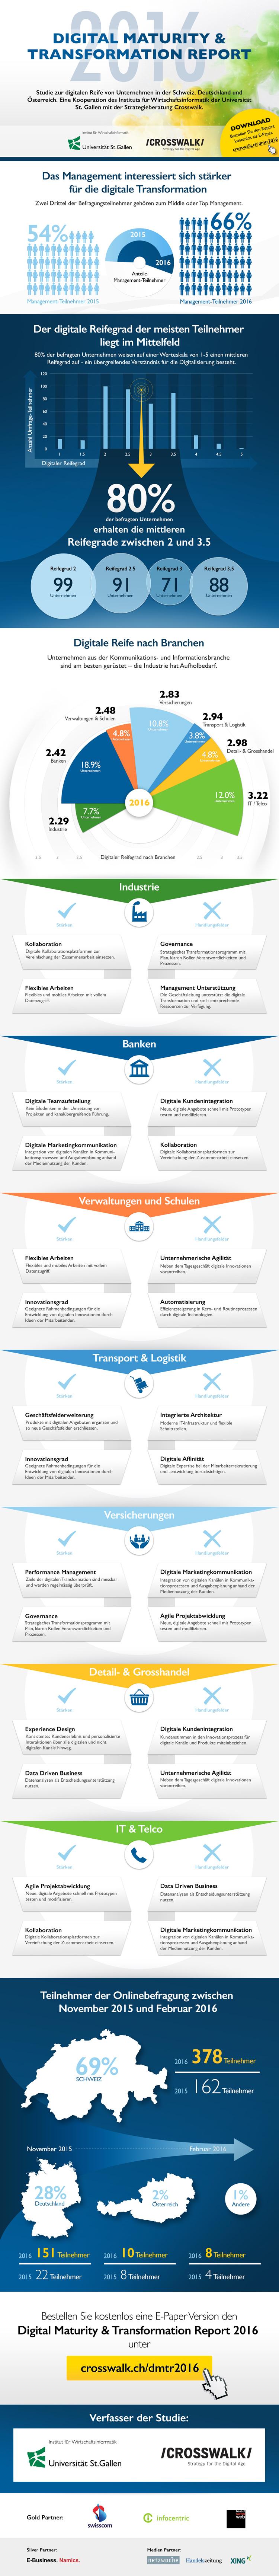 Infografik zum digitalen Reifegrad von Unternehmen und Branchen